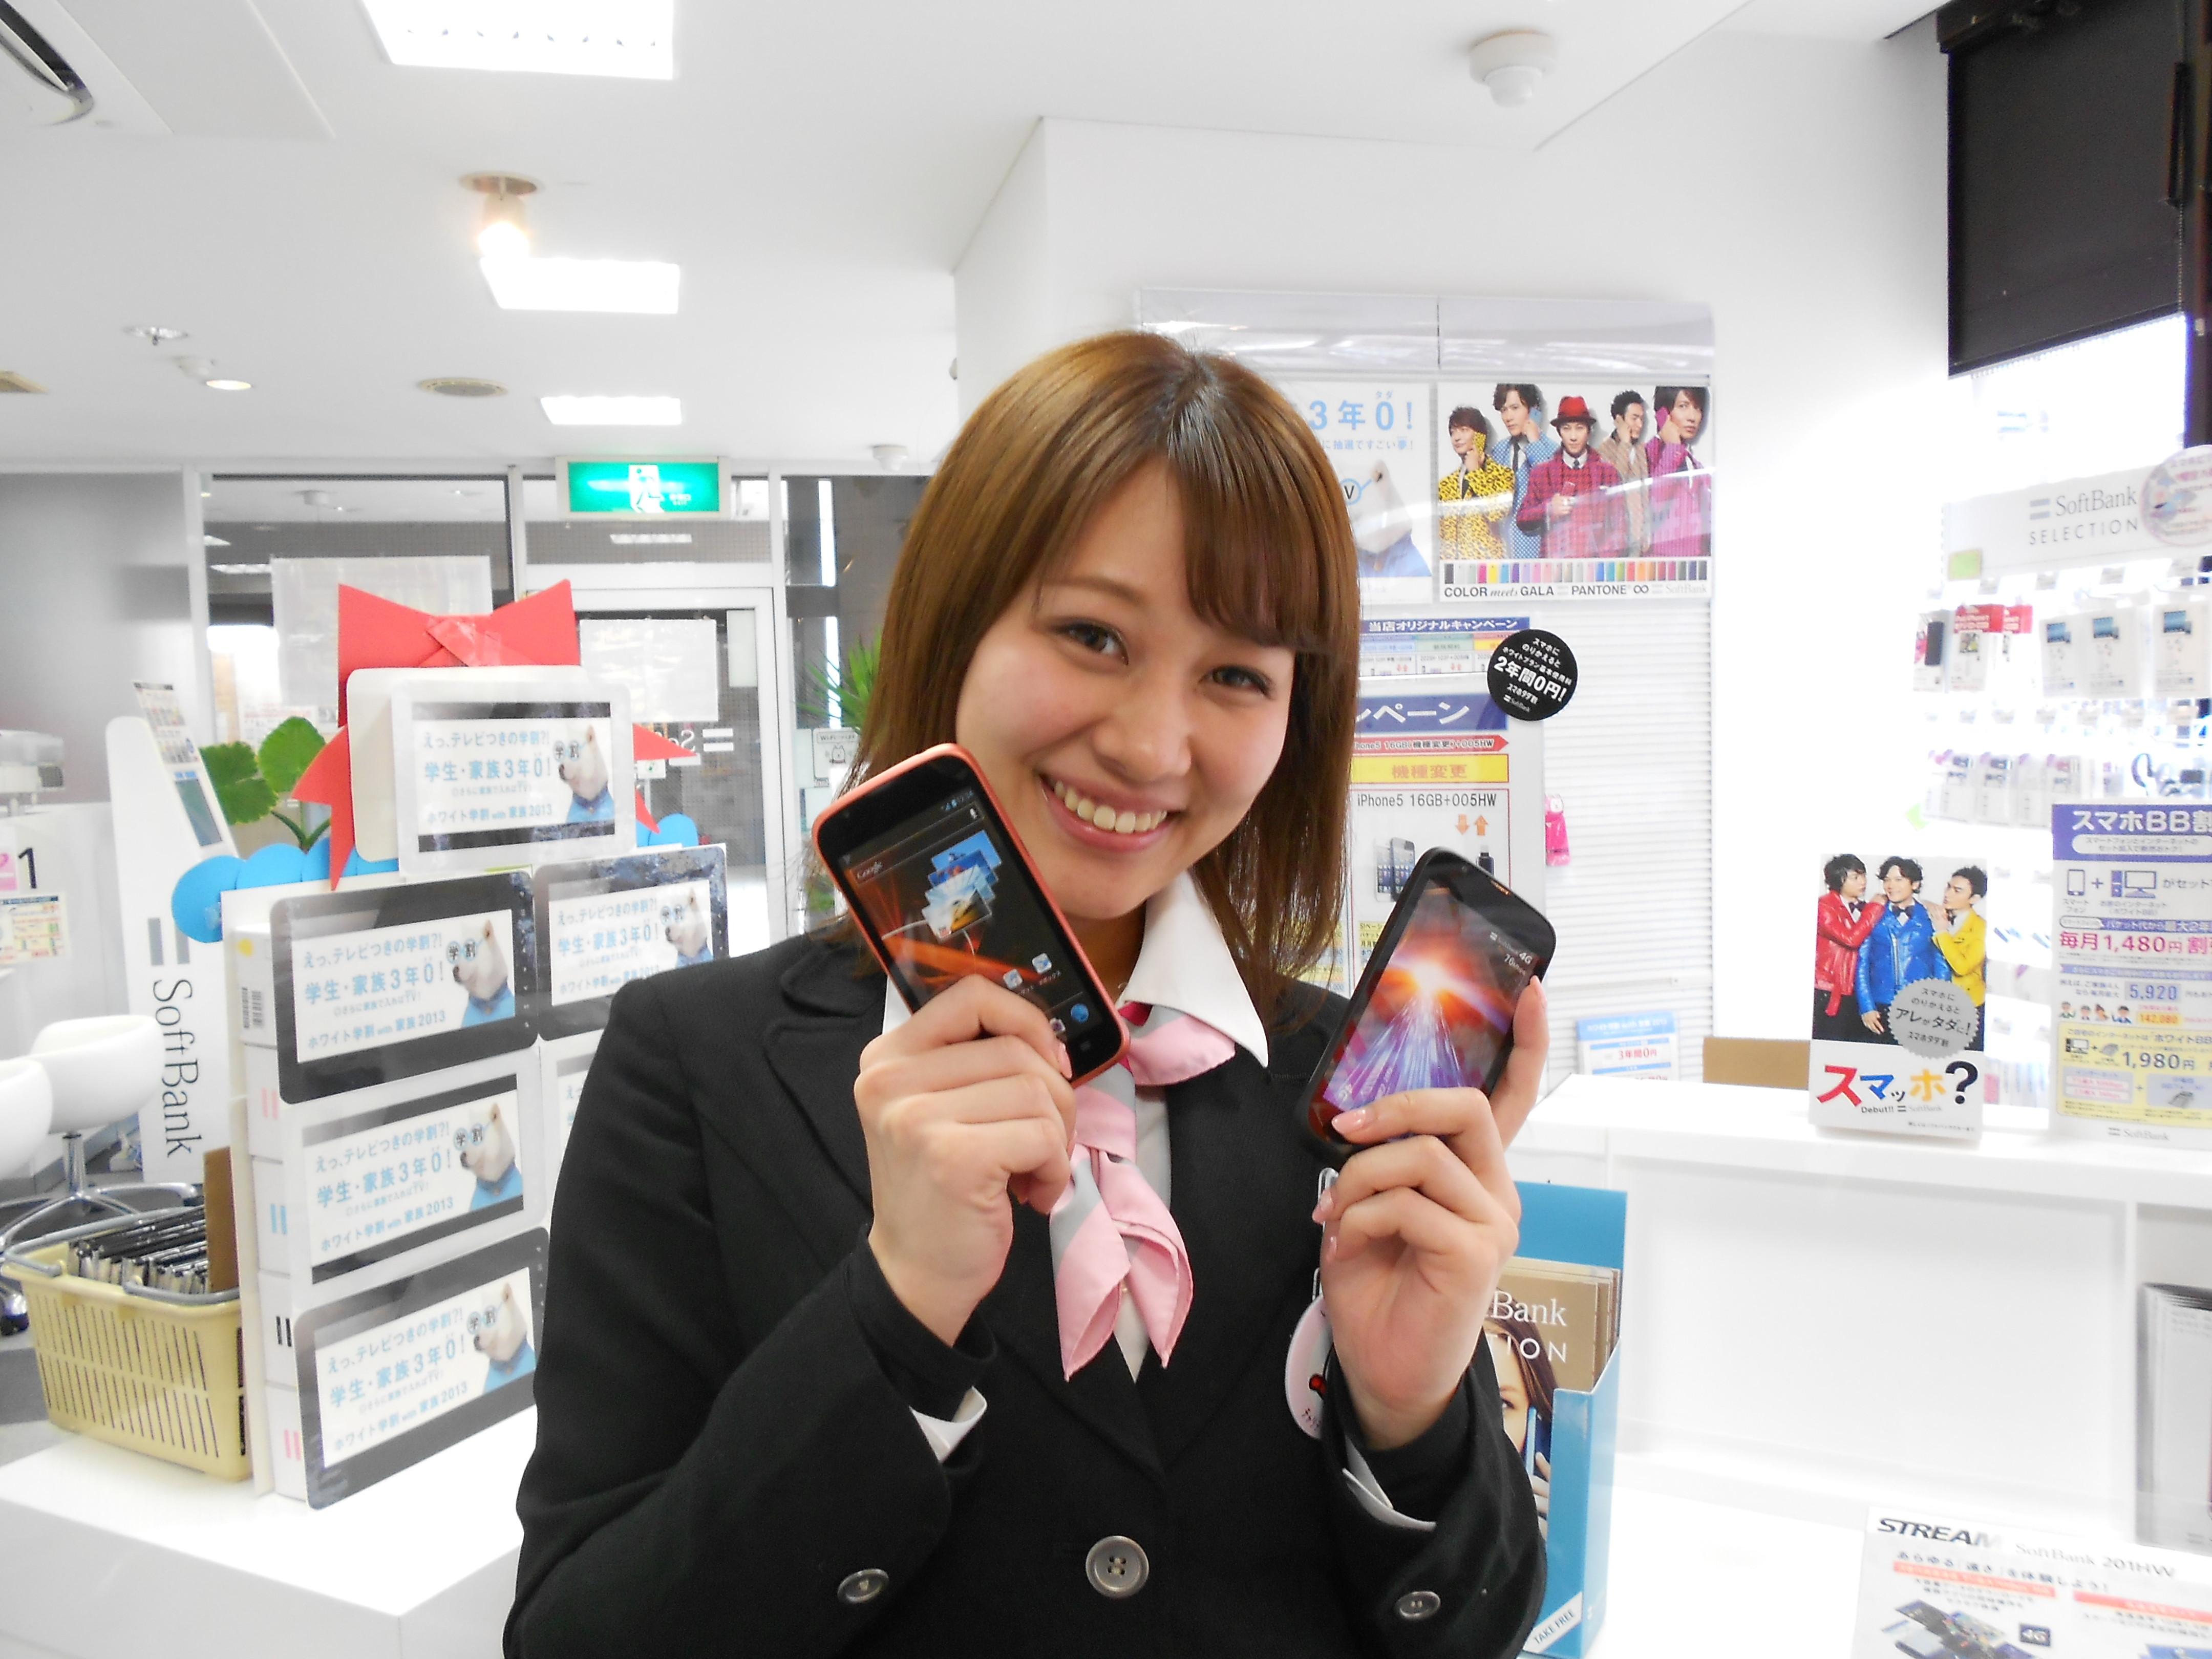 ソフトバンク 新鎌ヶ谷(株式会社シエロ)のアルバイト情報